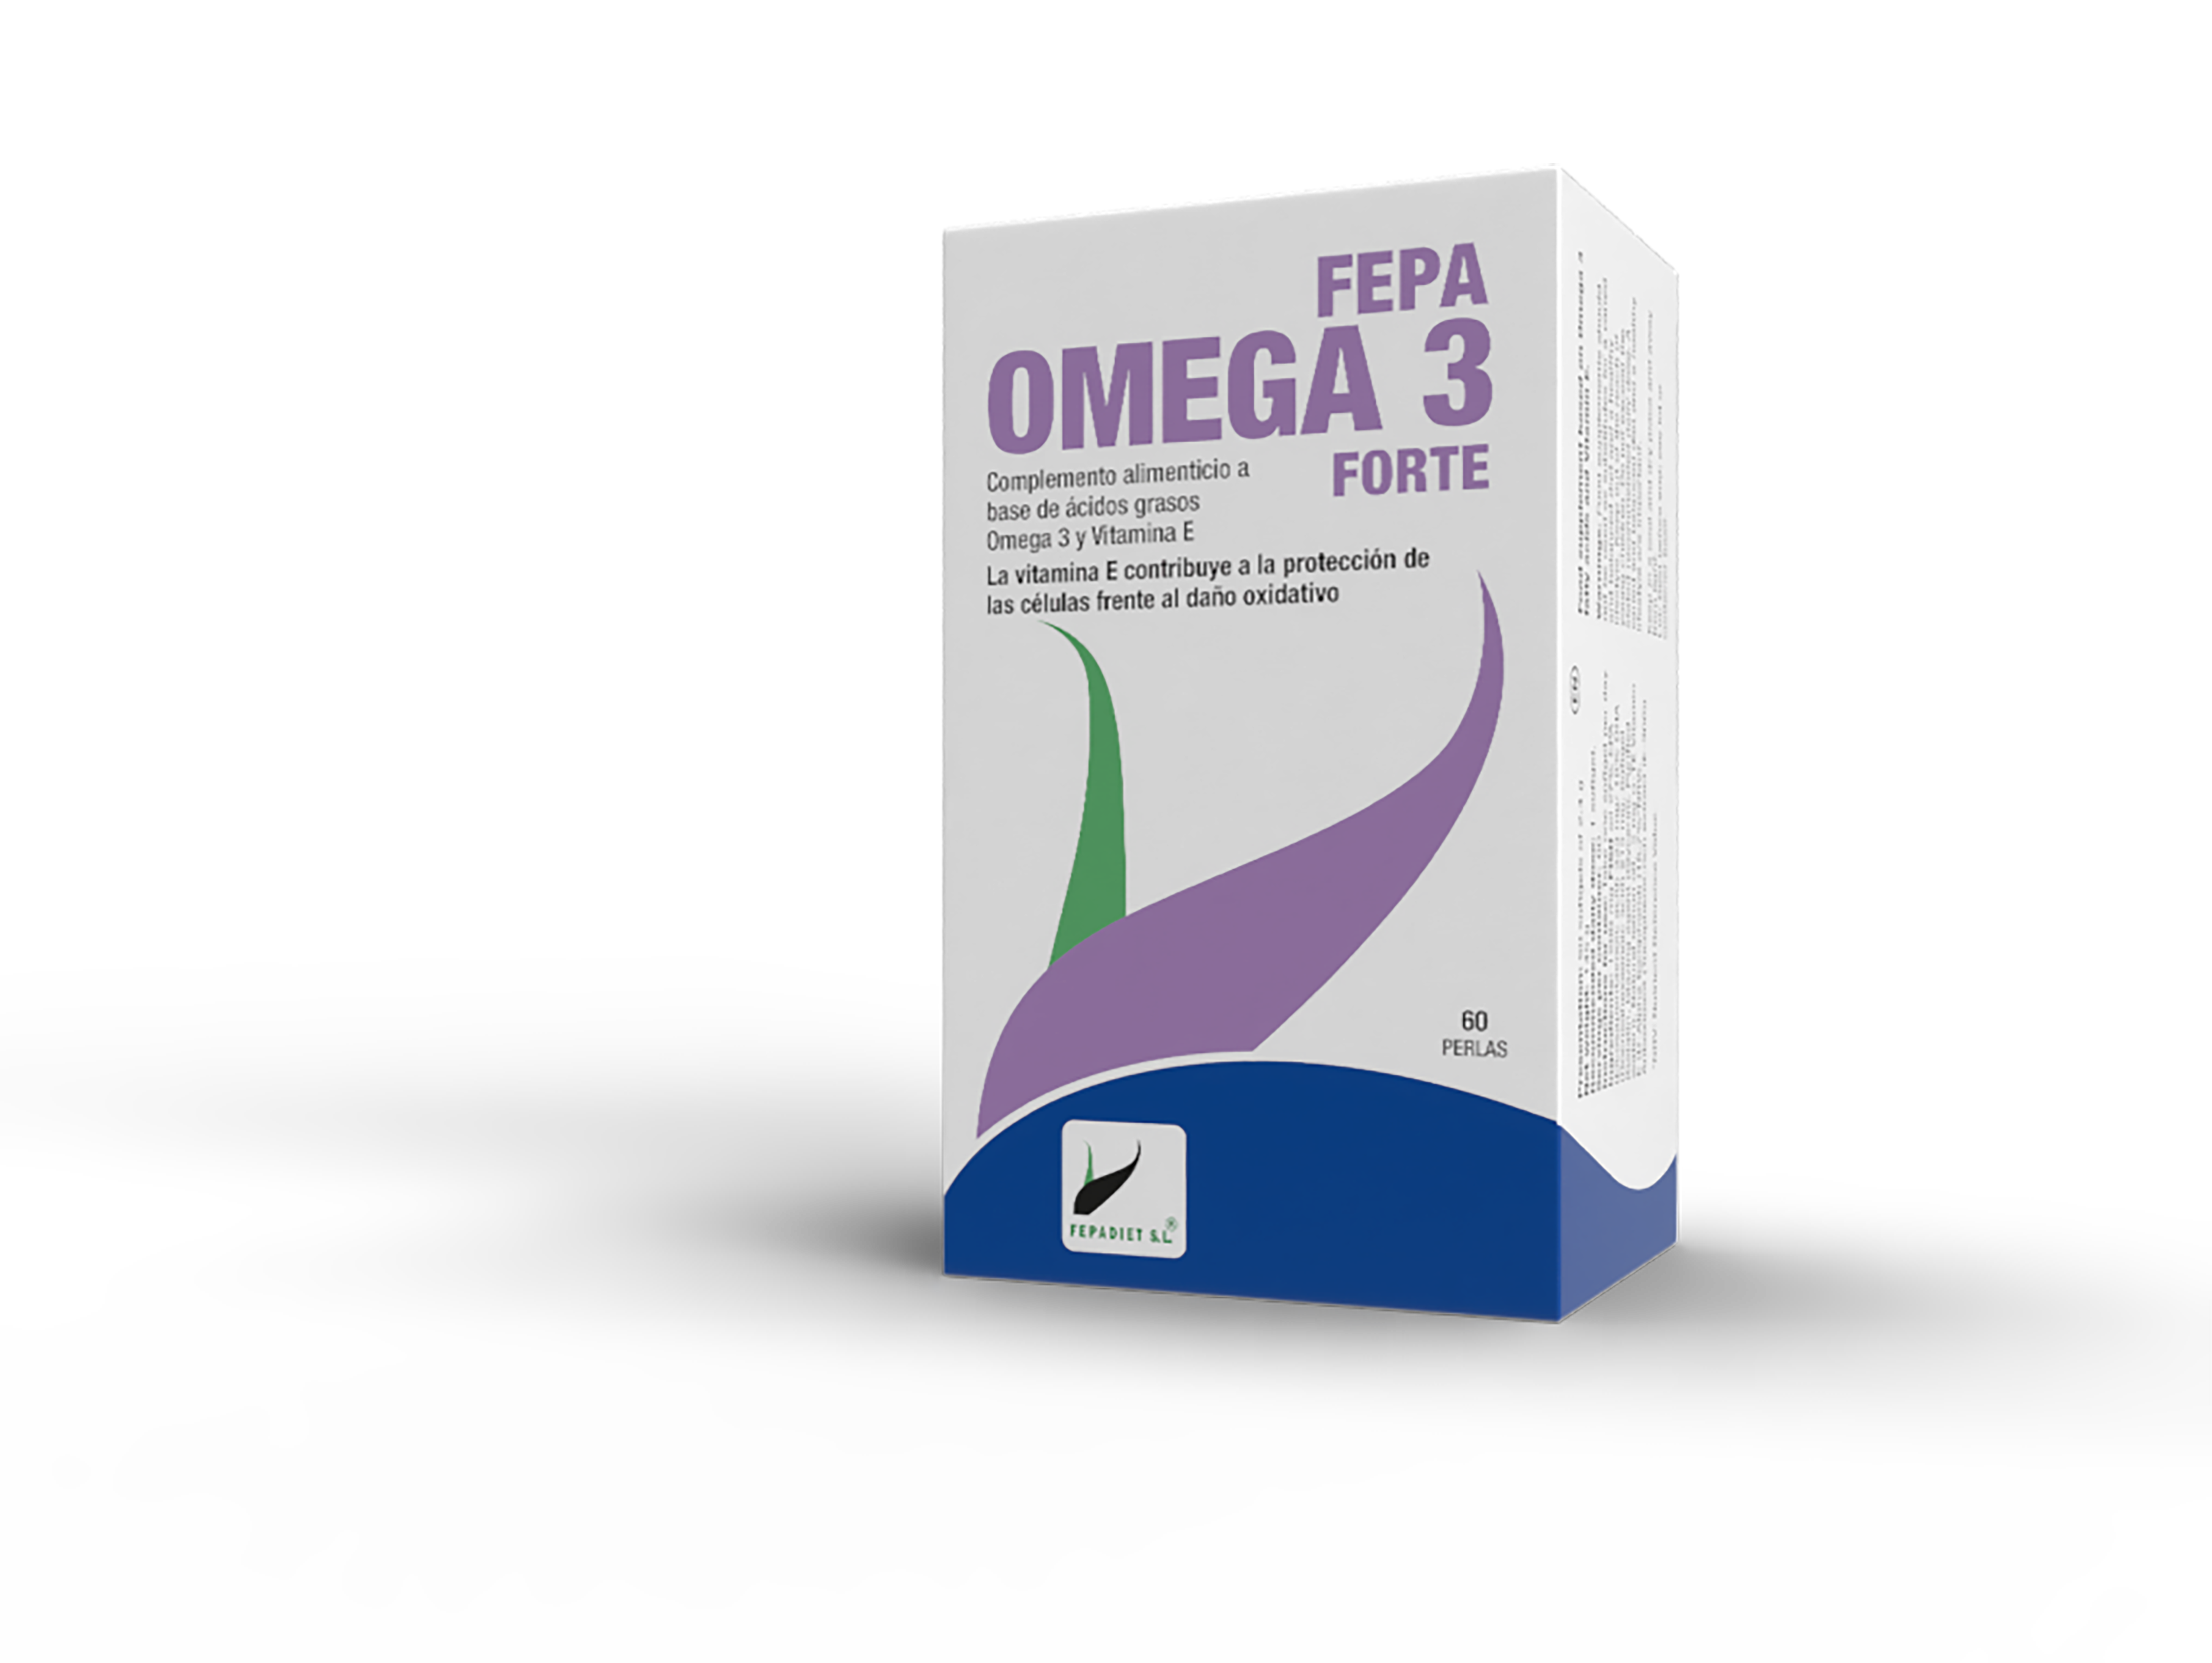 41 omega 3